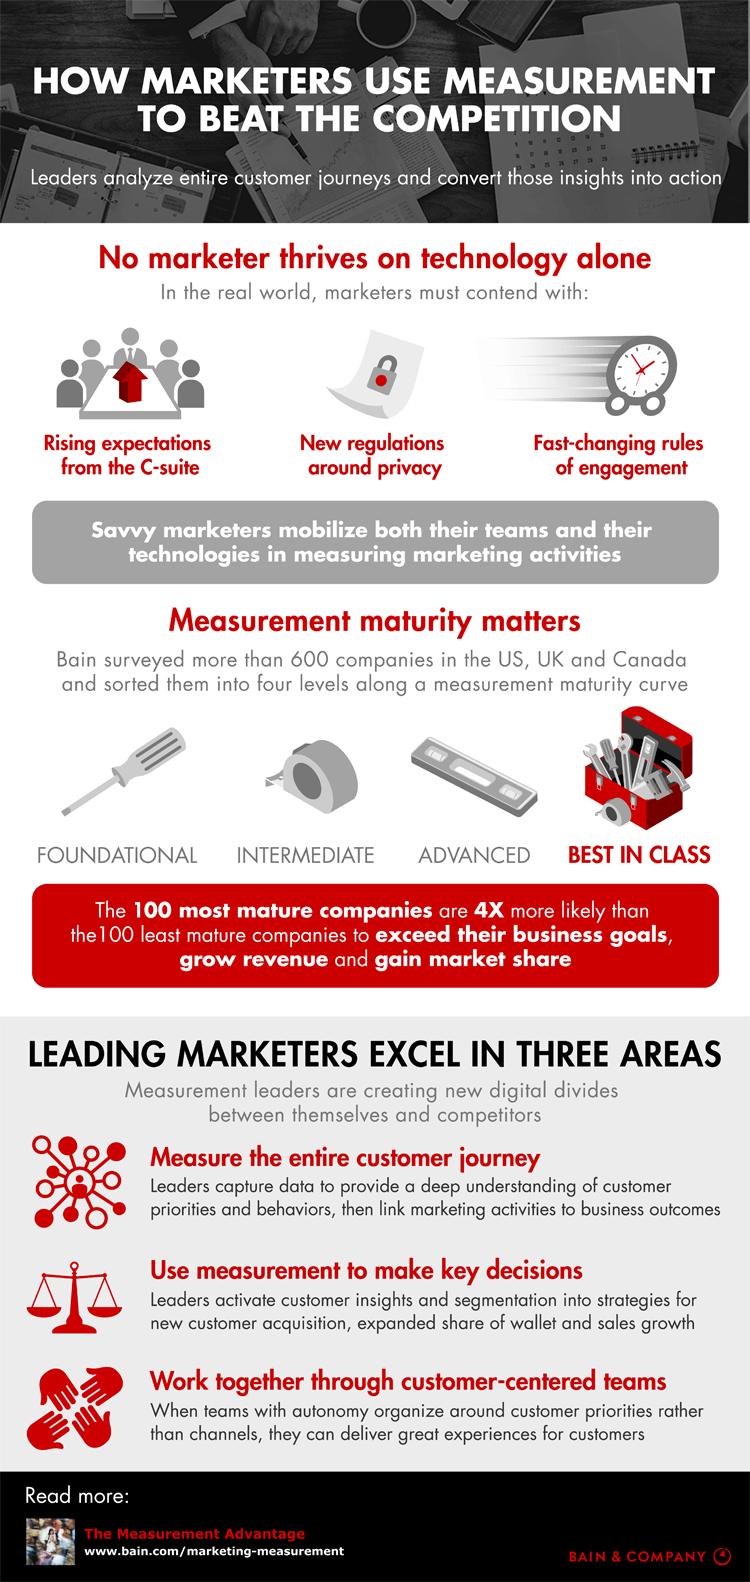 Infografik: Erfolgsmessung im Marketing als Wettbewerbsvorteil